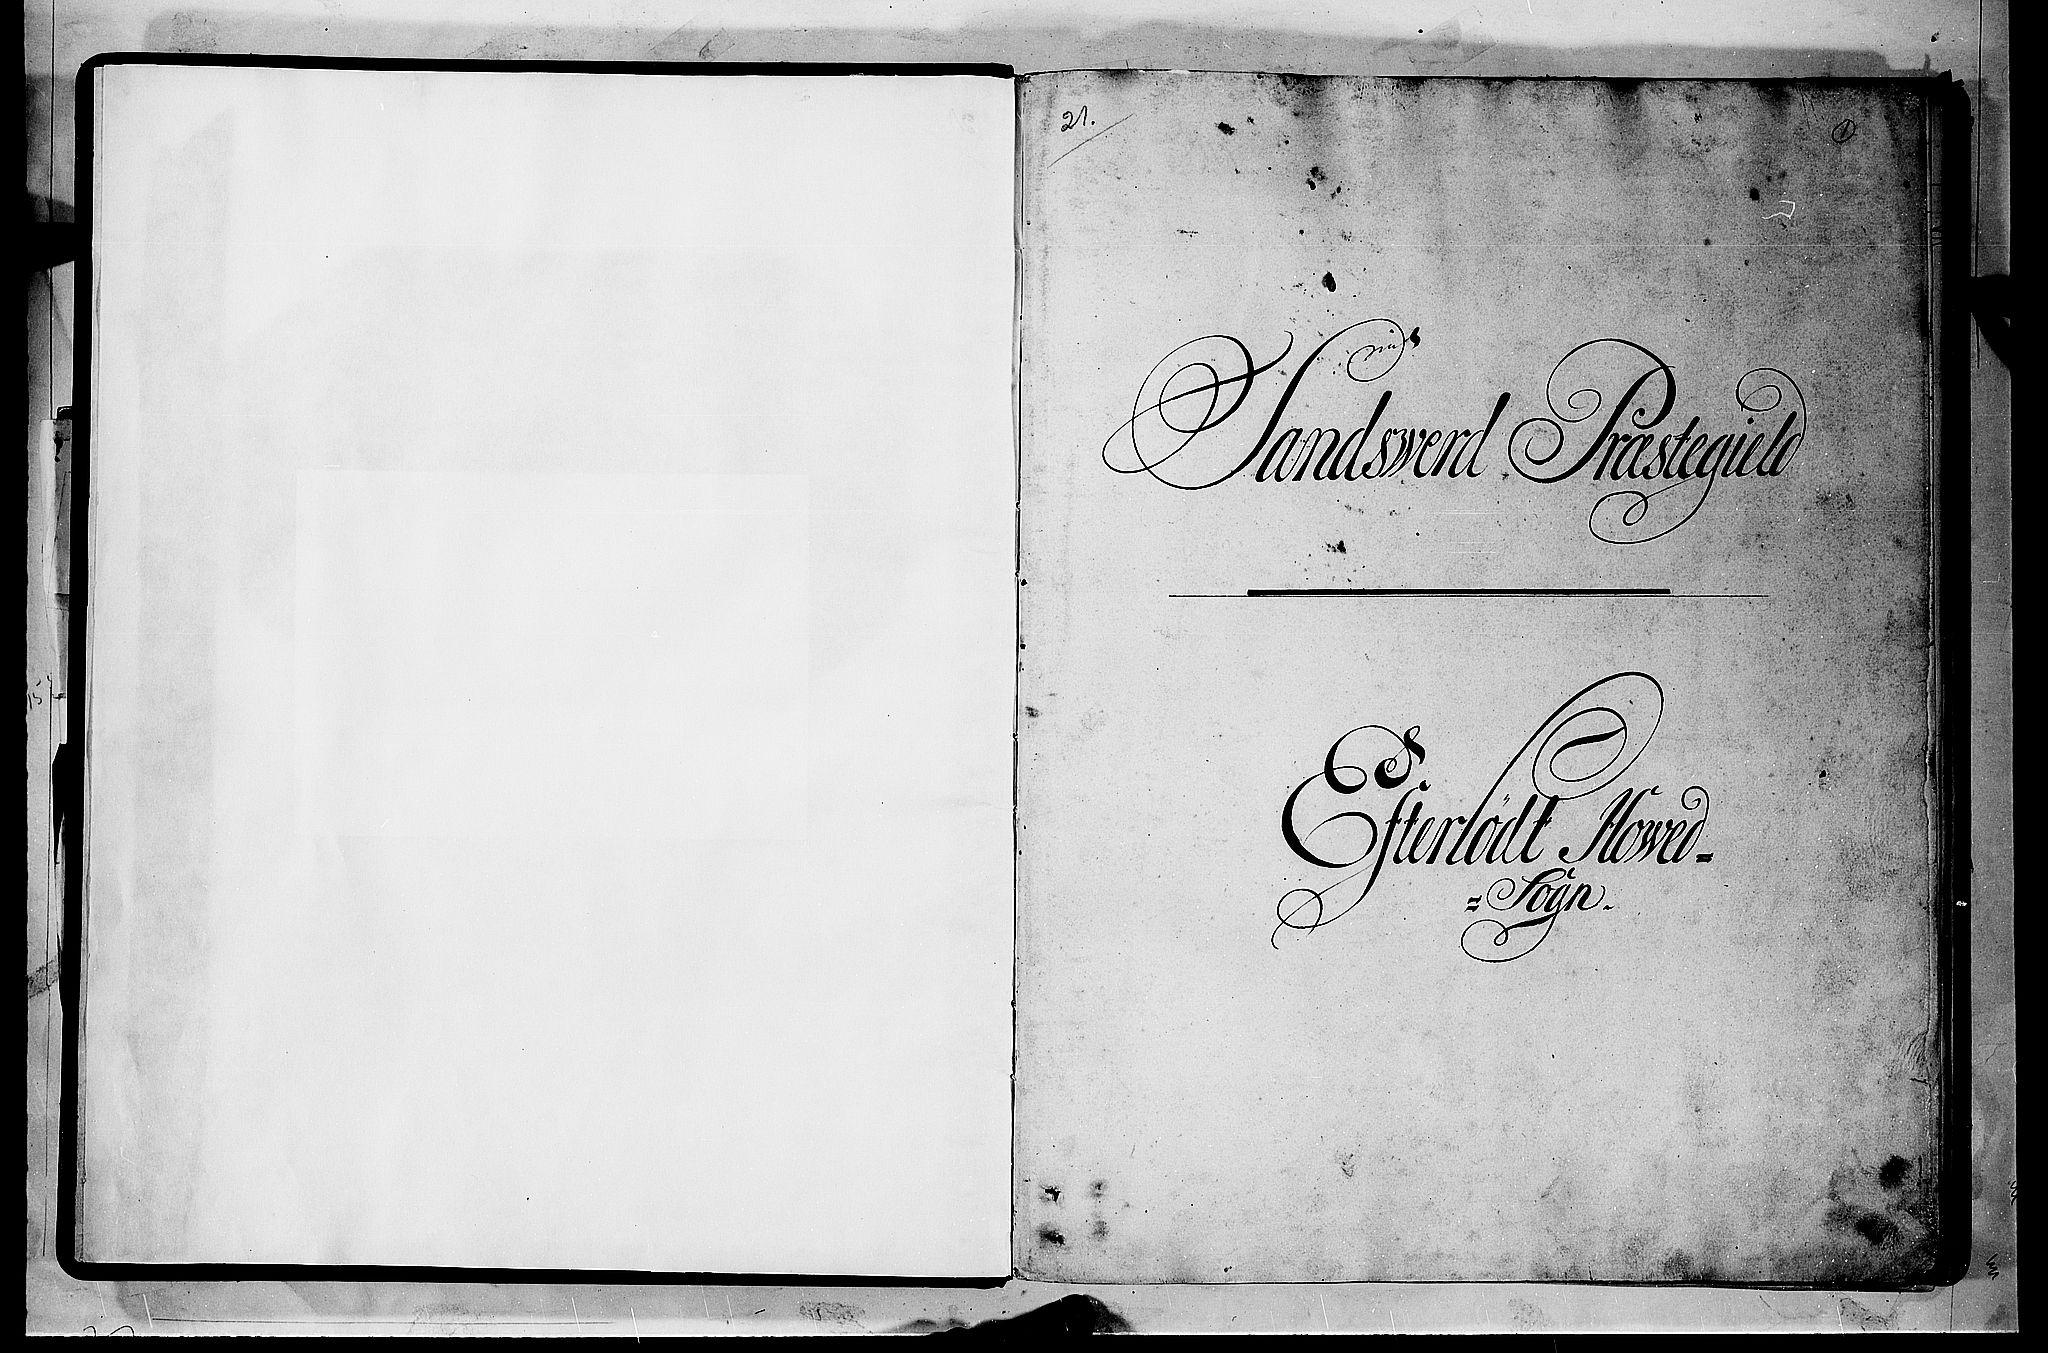 RA, Rentekammeret inntil 1814, Realistisk ordnet avdeling, N/Nb/Nbf/L0114: Numedal og Sandsvær matrikkelprotokoll, 1723, s. 1a